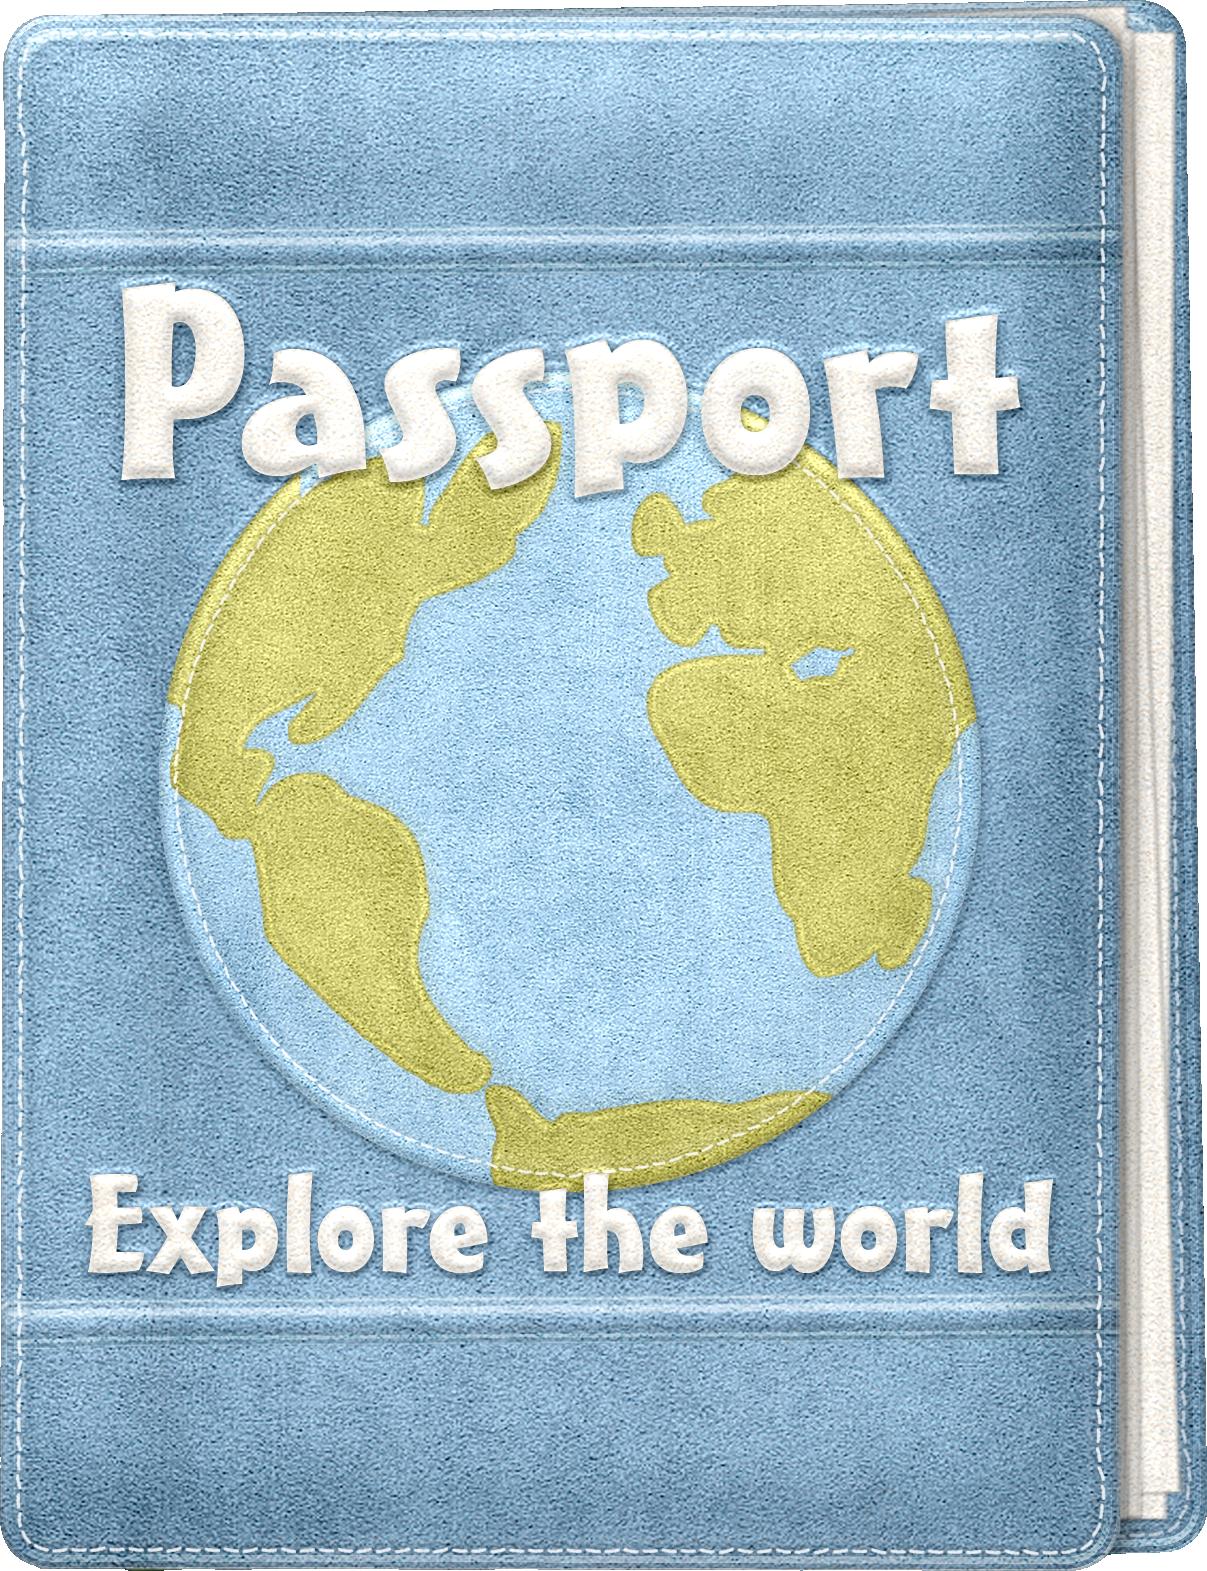 Eabforig holidays and travel pinterest